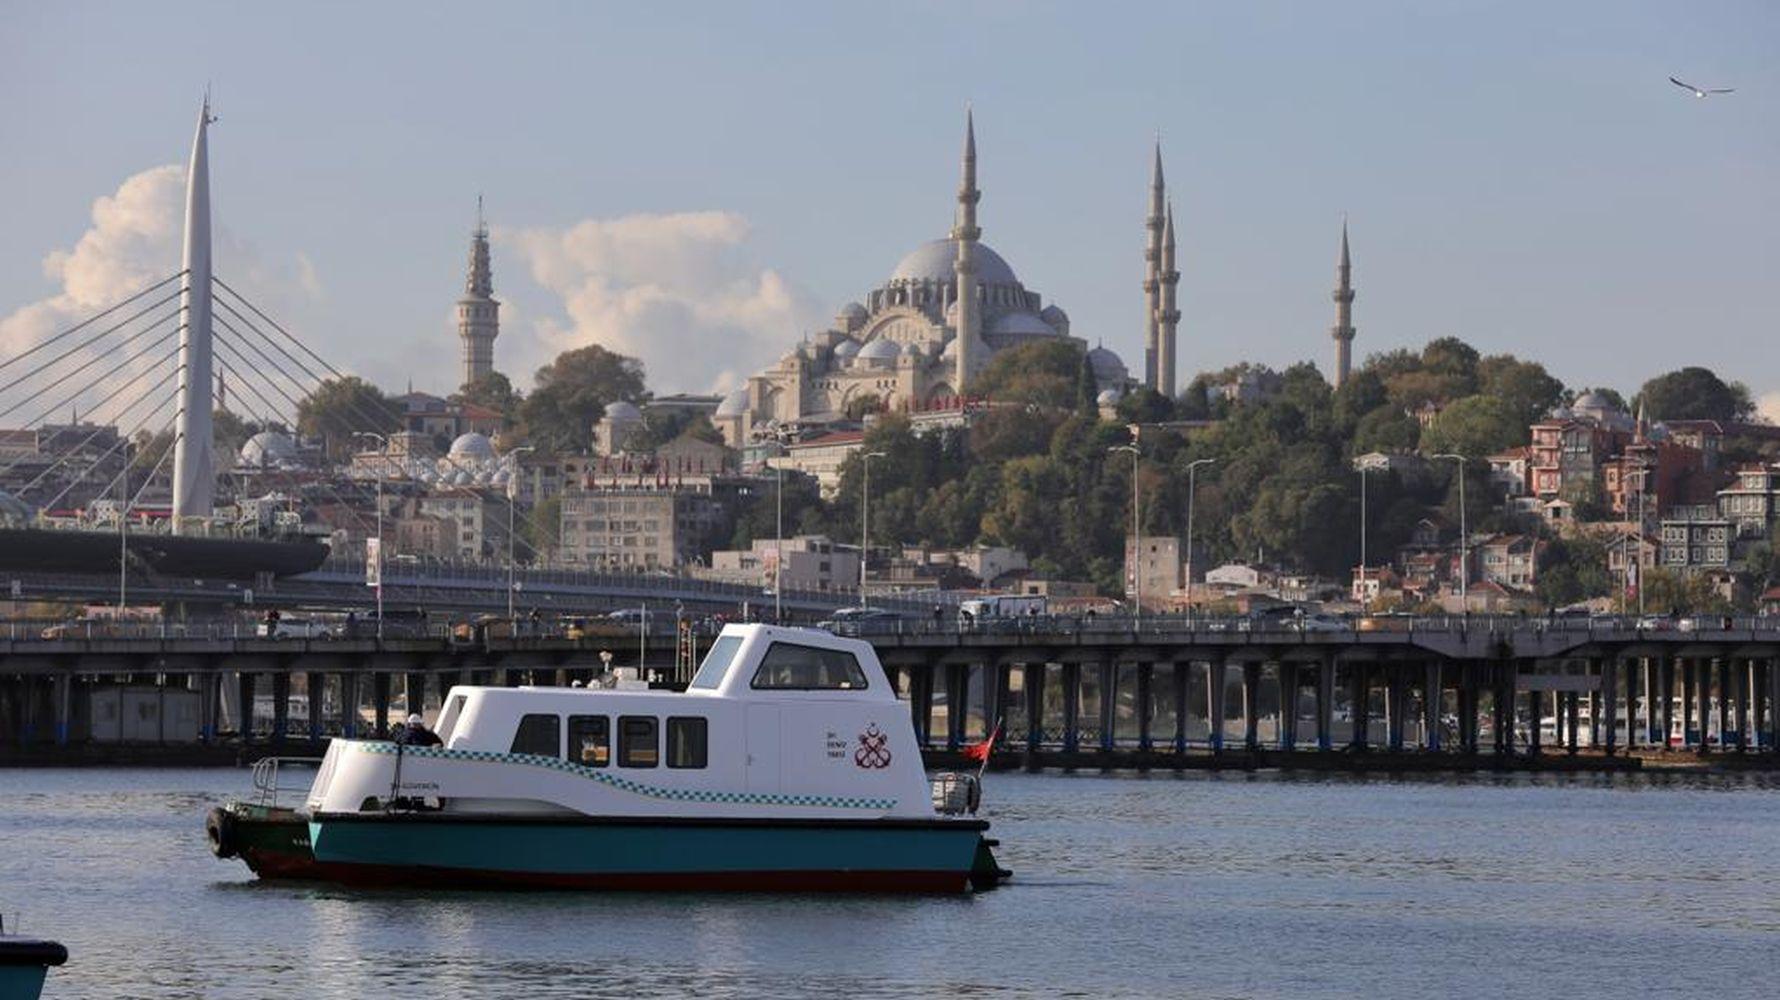 yerli-ve-milli-deniz-taksi-suya-indi-ilk-musterisi-imamoglu-oldu.jpg